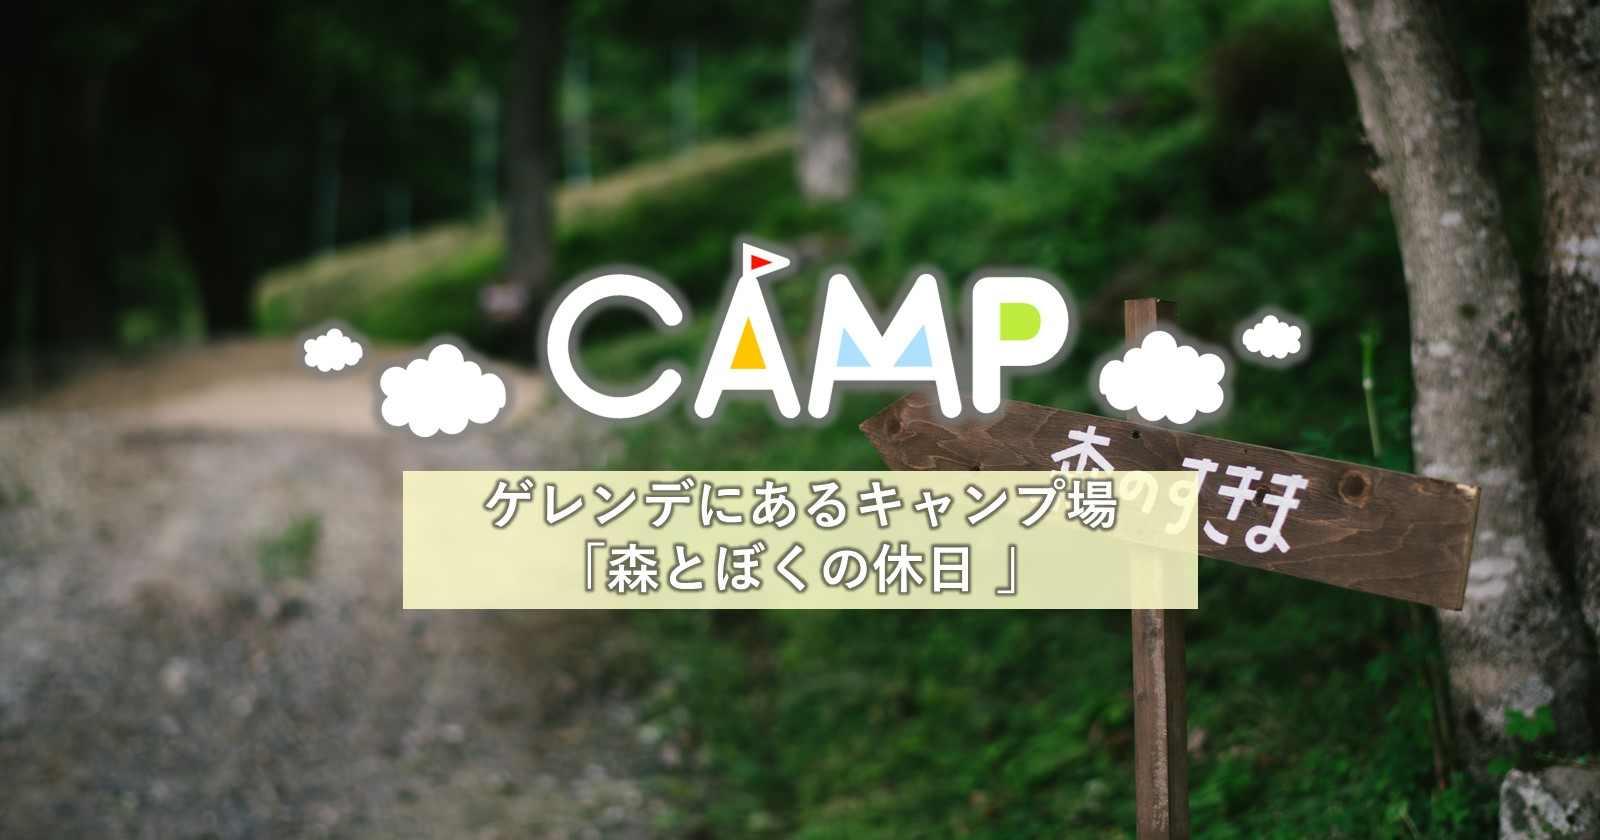 【兵庫県】ハチ北スキー場のゲレンデにあるプライベートキャンプ場「森とぼくの休日」 | ガジェット通信 GetNews